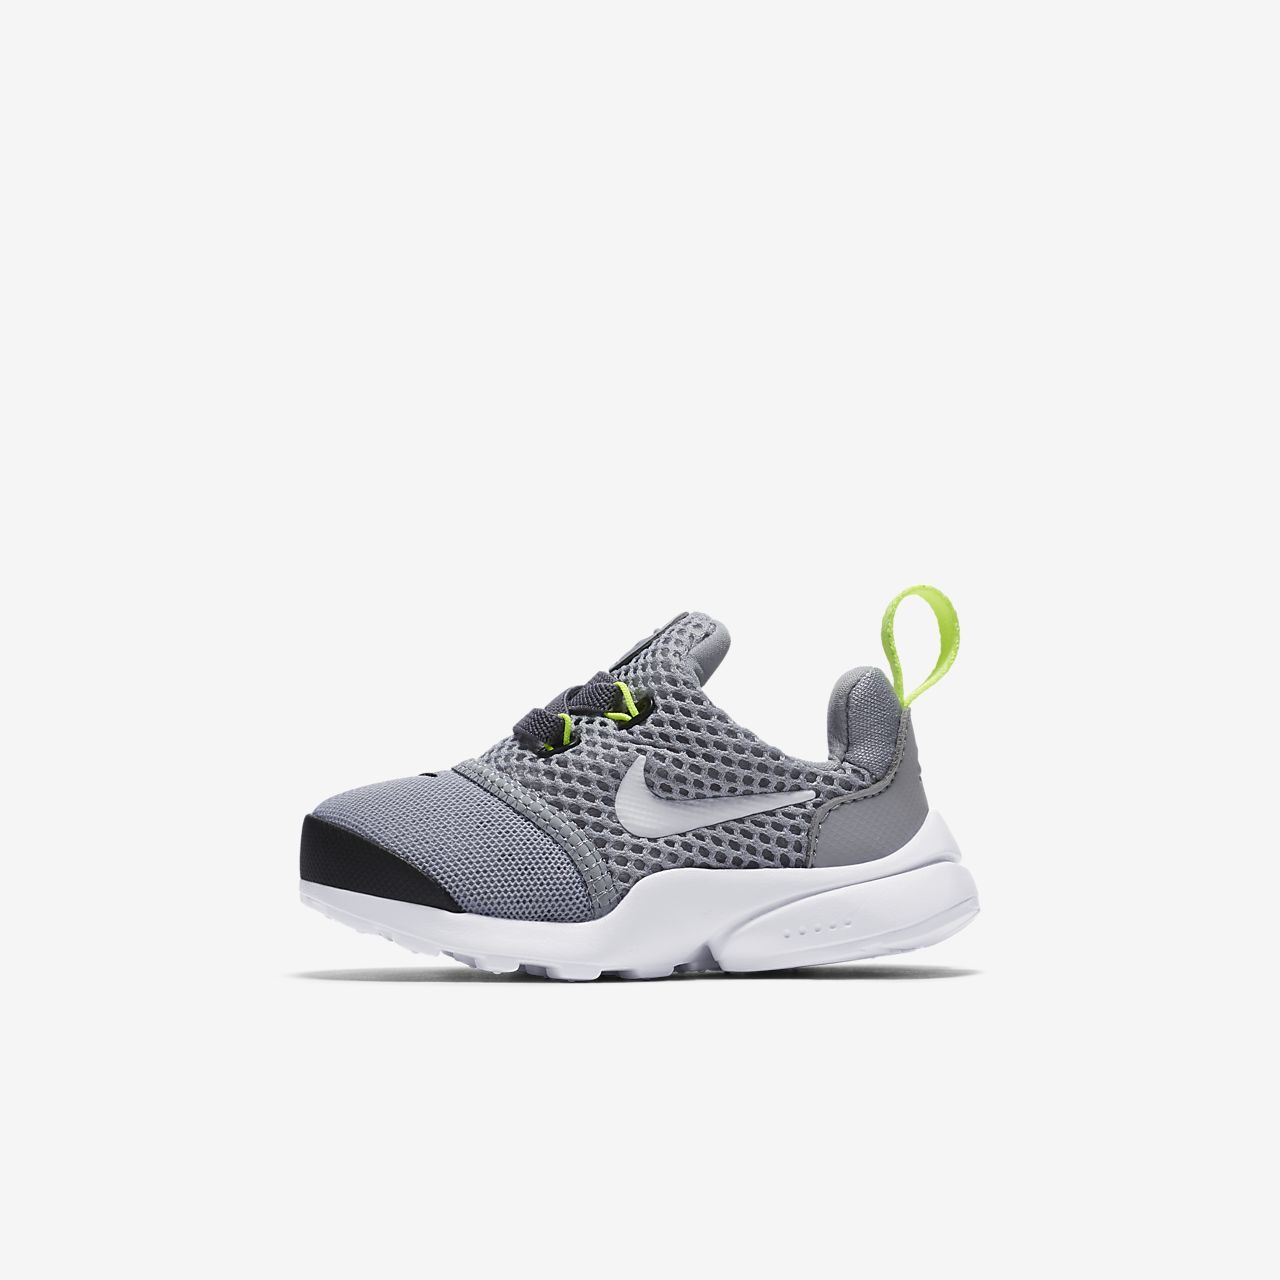 ... Nike Presto Fly Schoen voor baby's/peuters